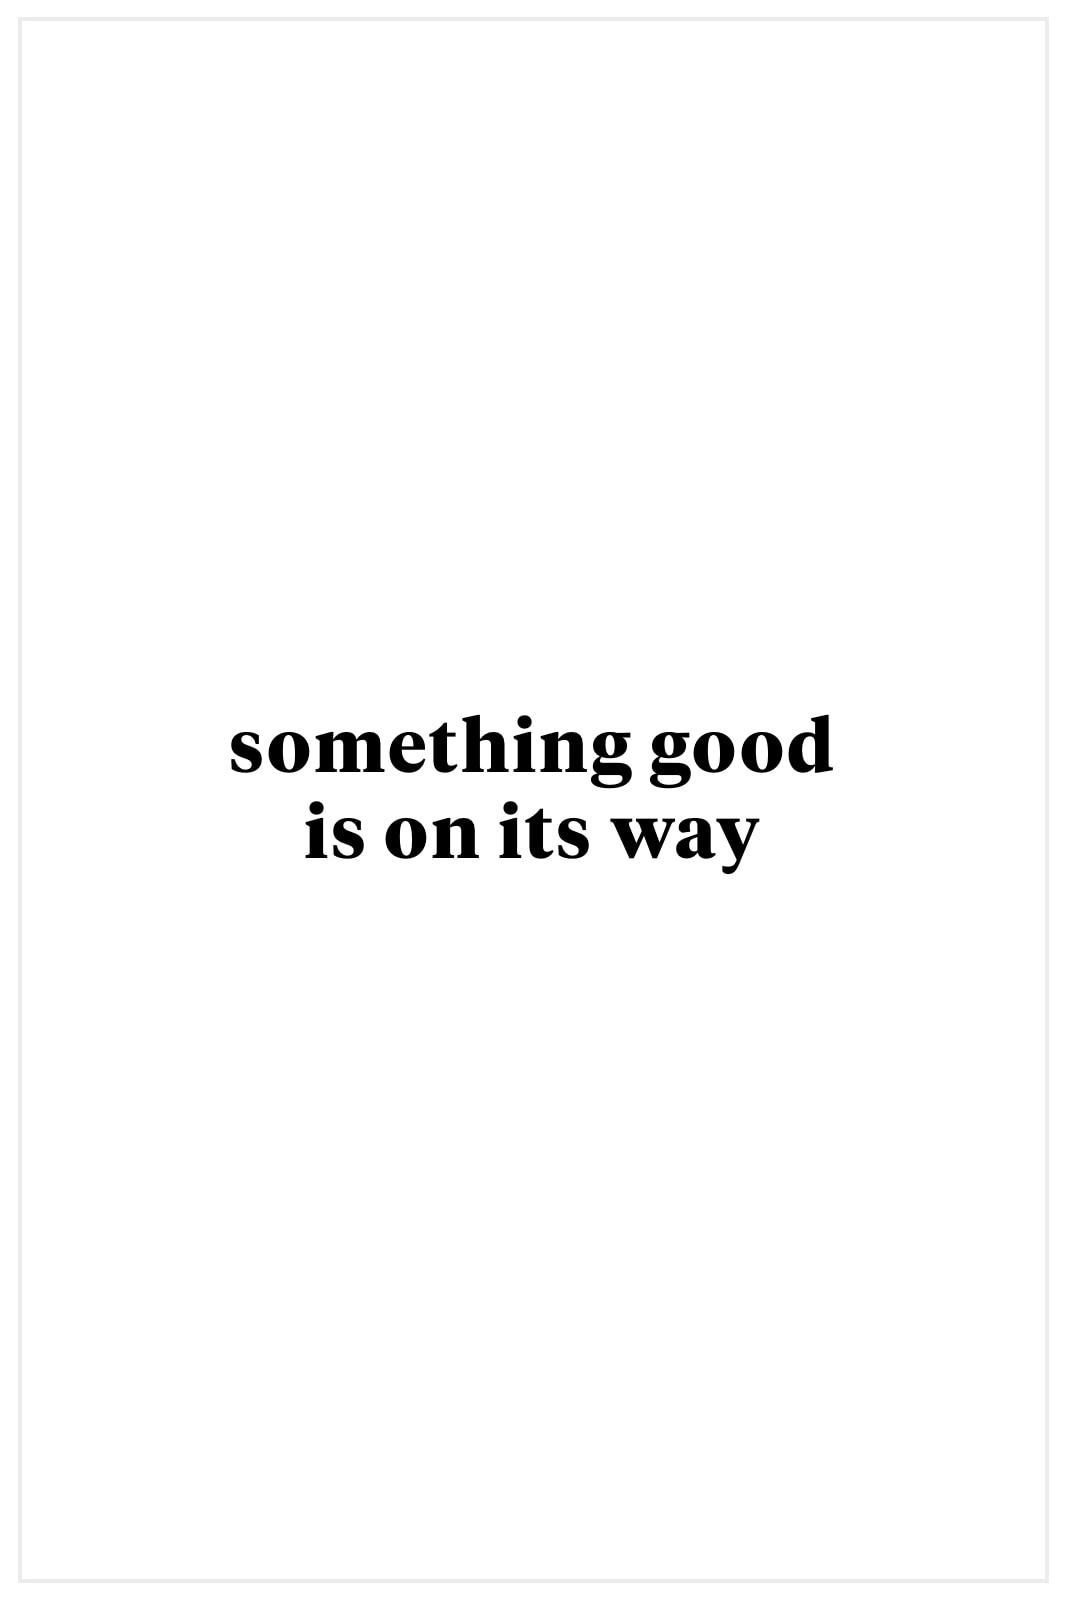 Mur Crochet Lace Back Tank